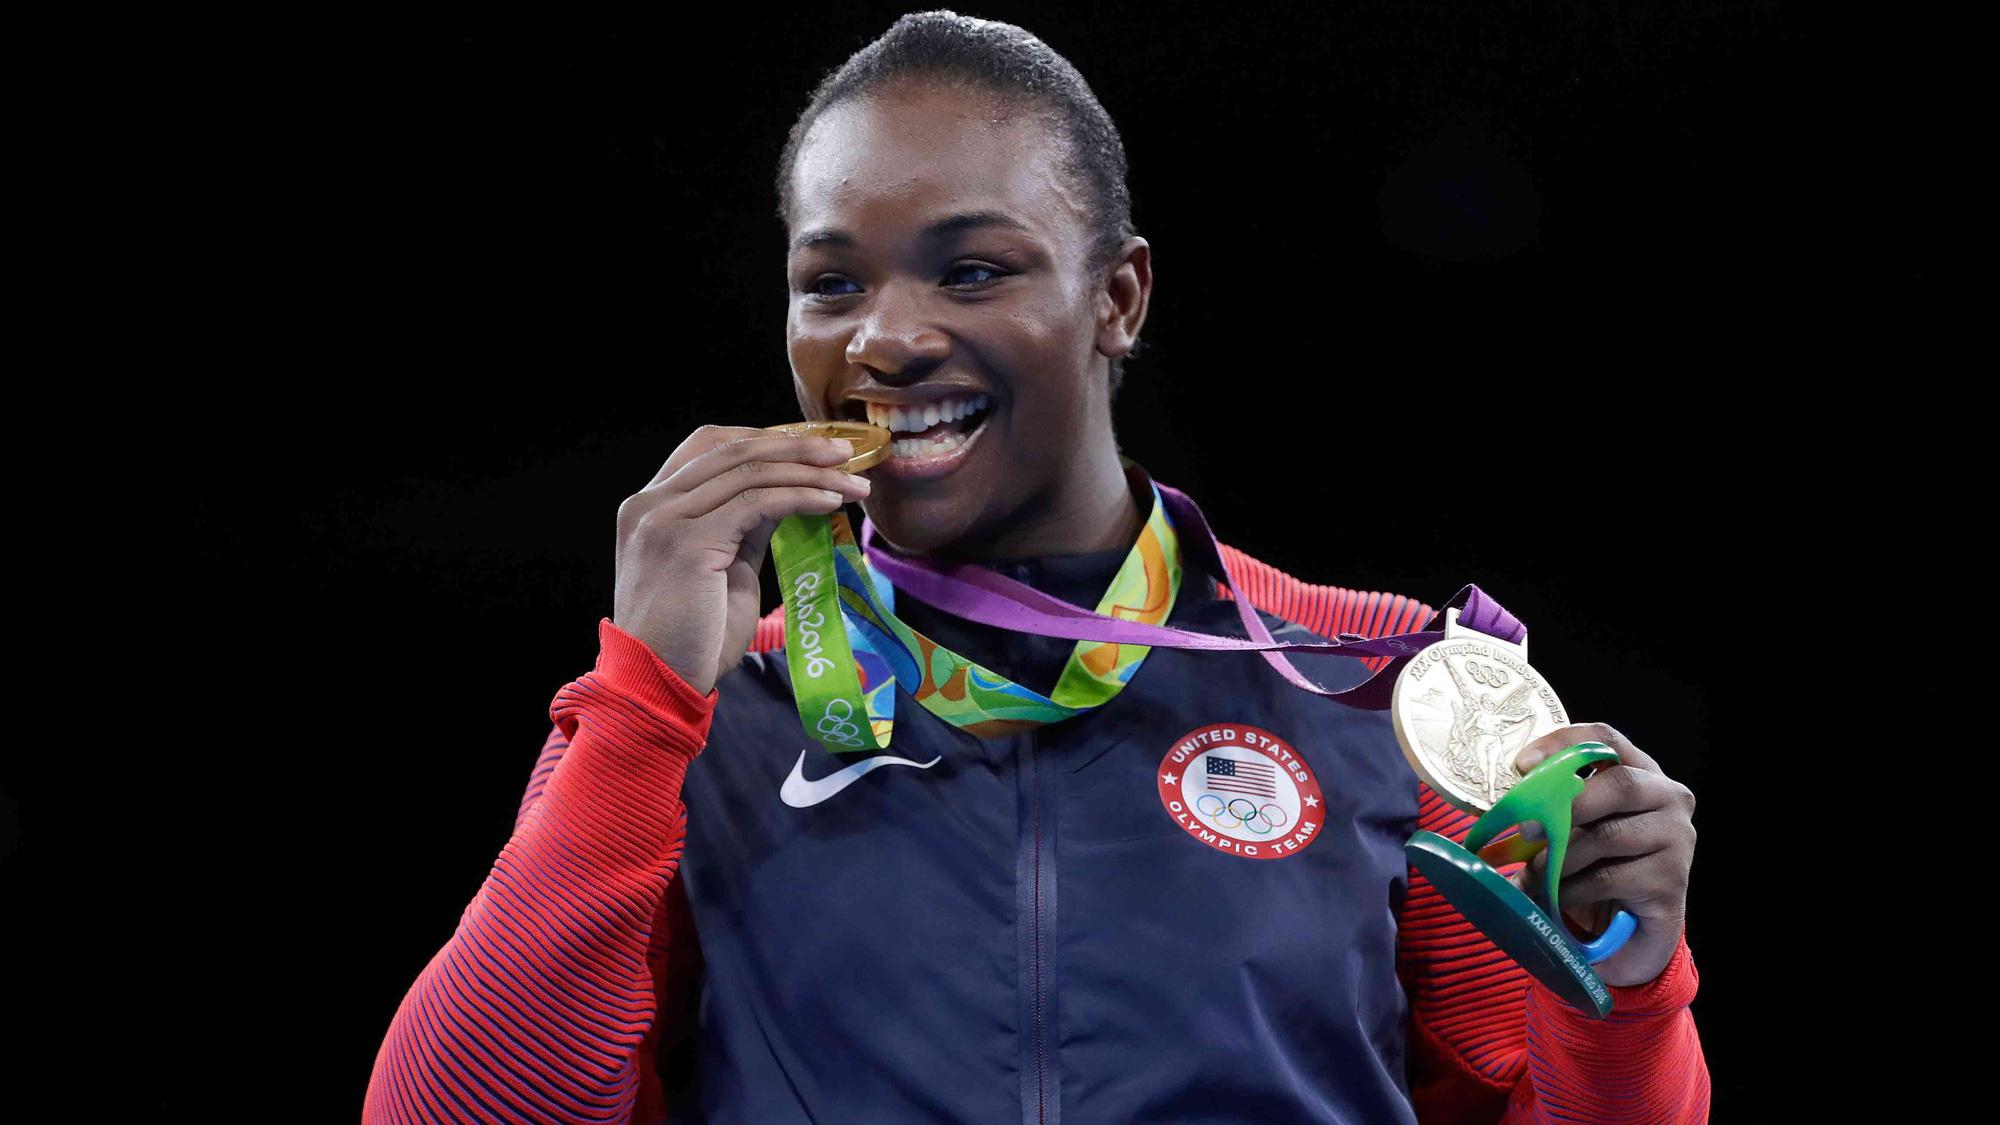 Với những võ sĩ chuyên nghiệp, Olympic vẫn tạo ra một thứ sức hút đặc biệt - Ảnh 1.